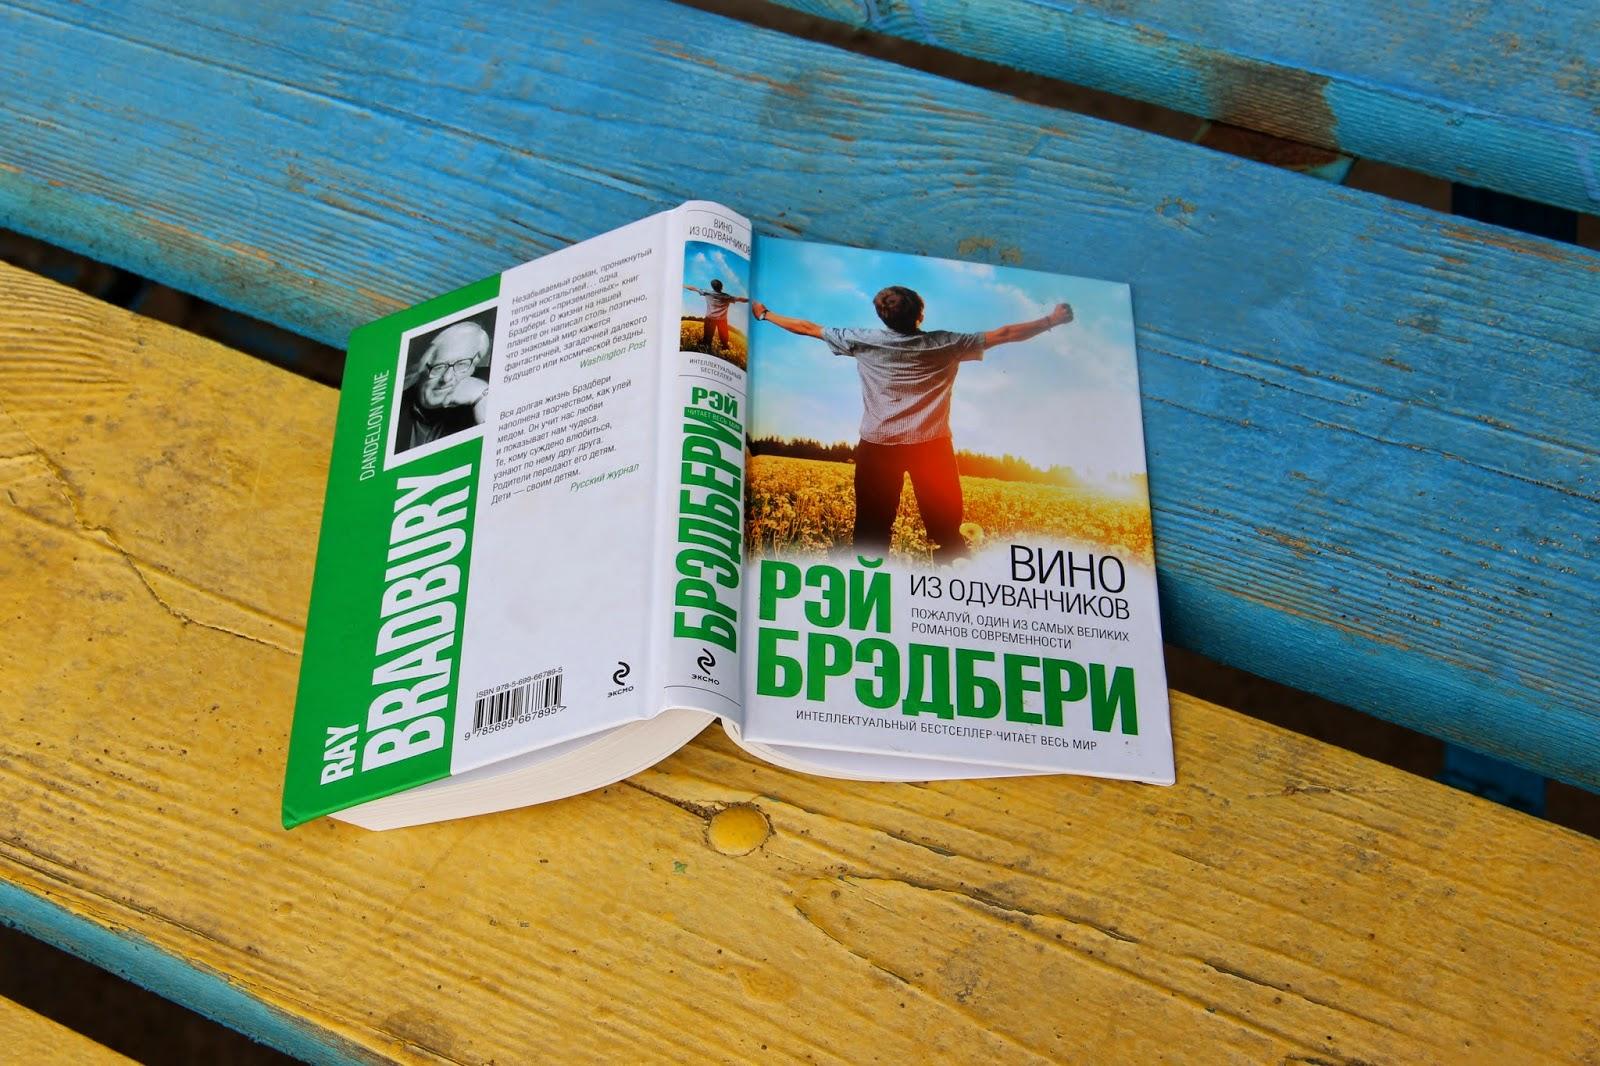 лето, воспоминания, ekashilko, модный блог